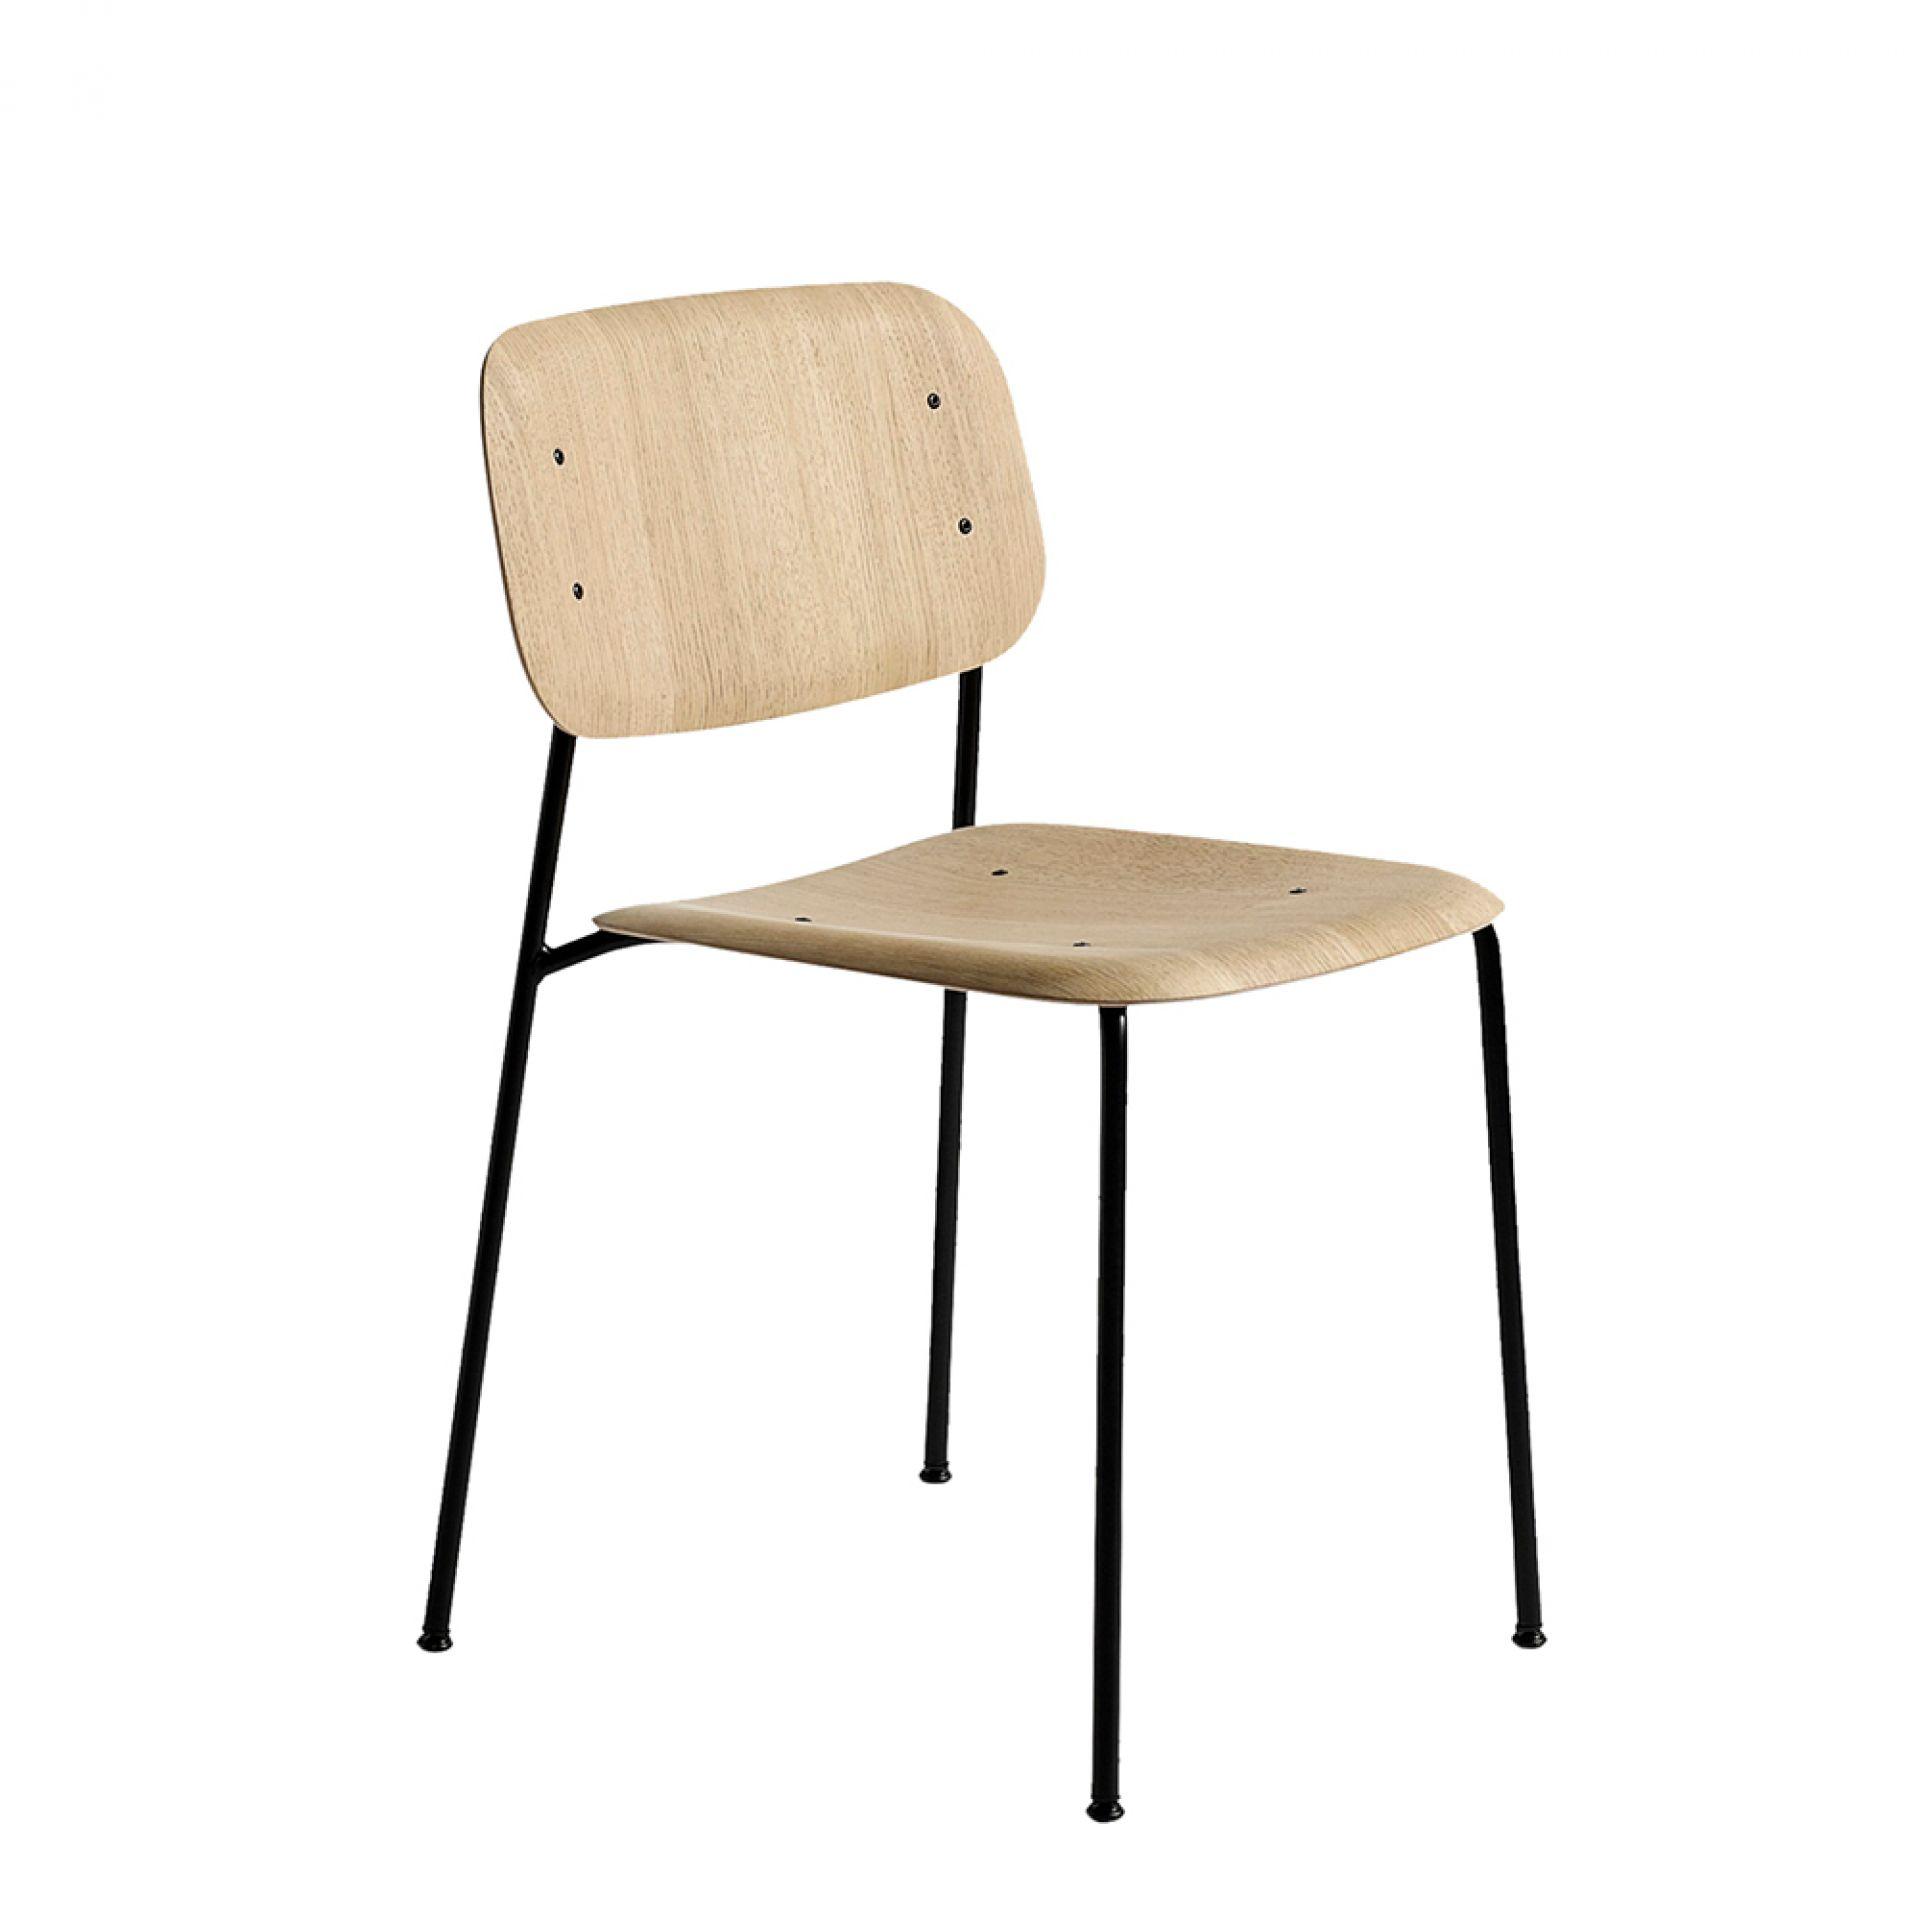 Soft Edge 10 Chair Stuhl Hay Eiche schwarz gebeizt